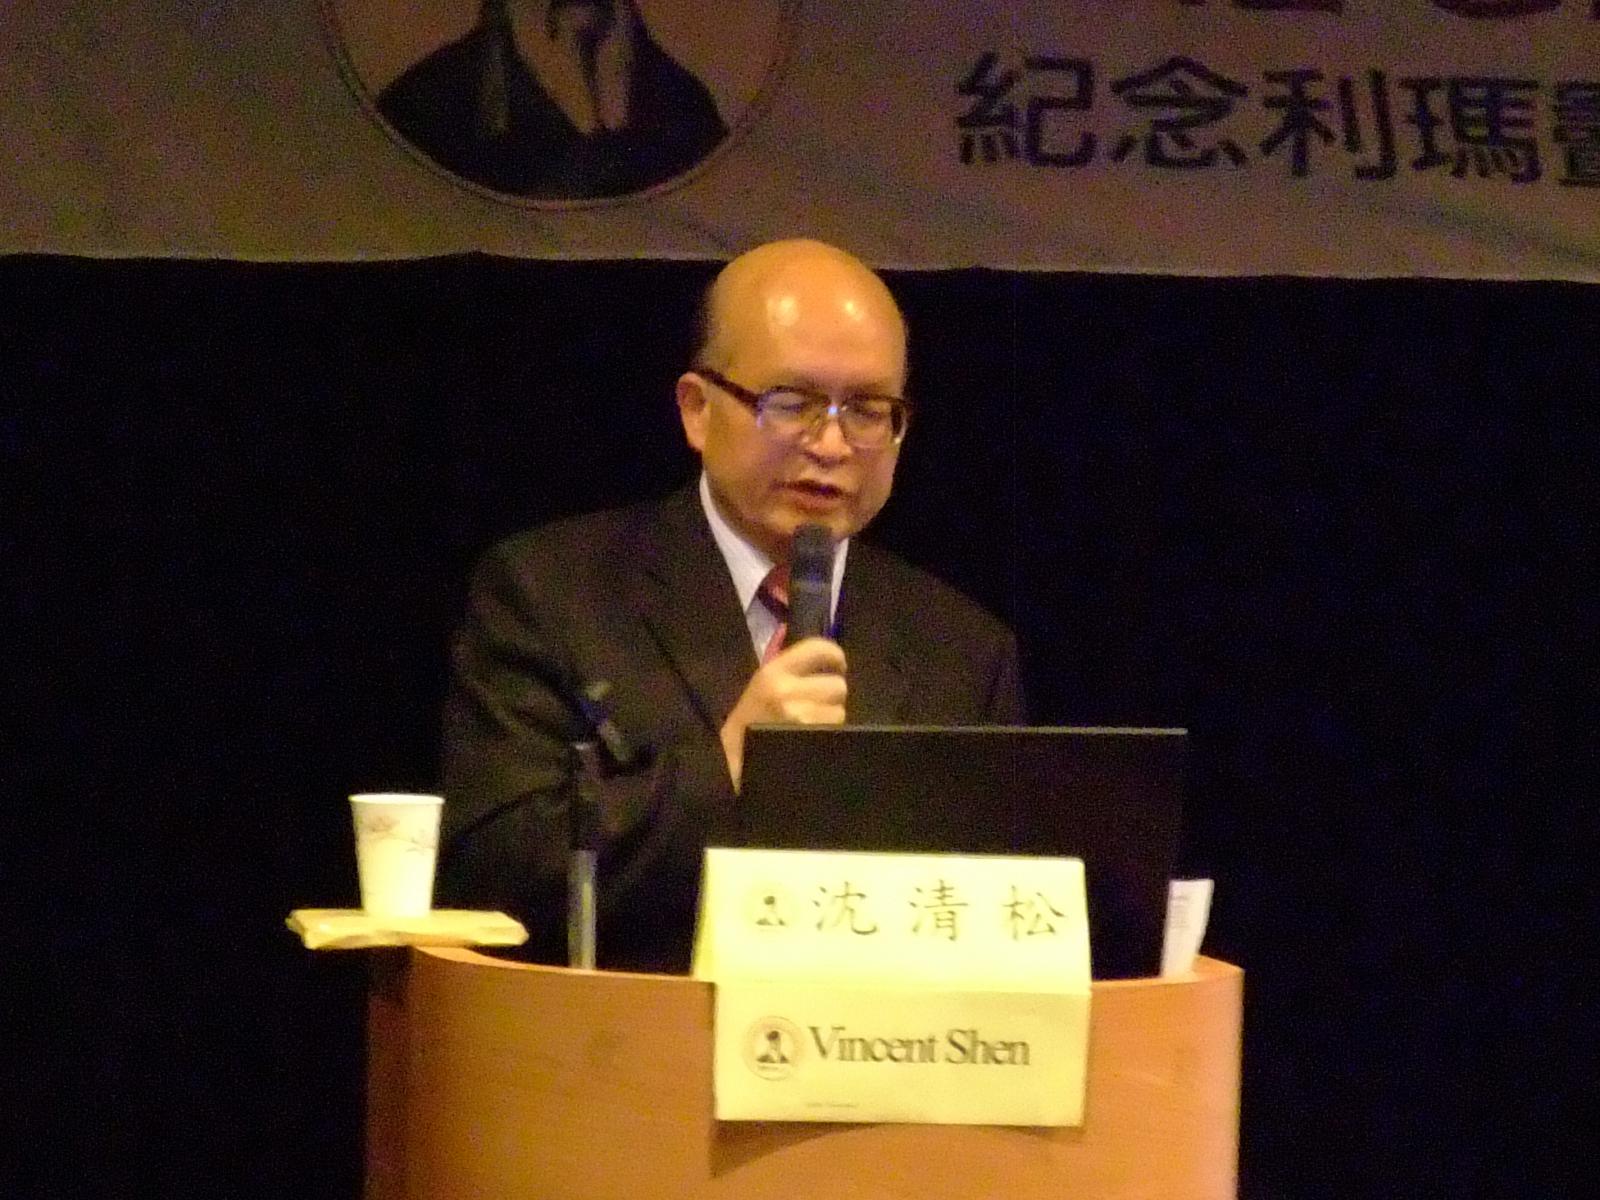 201004紀念利瑪竇逝世四百週年國際學術研討會-14